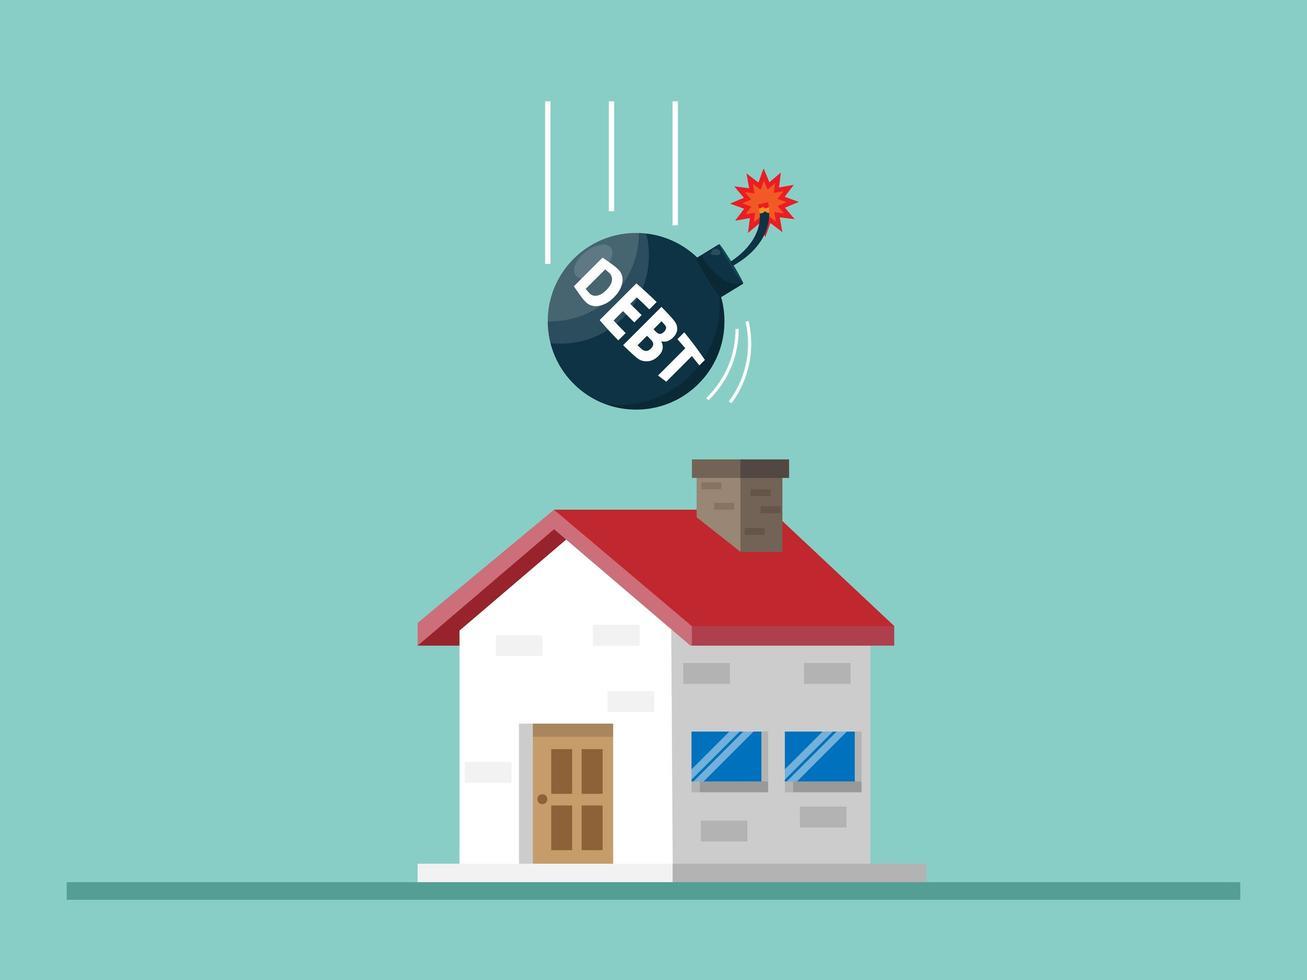 huis met schuldbom, hypotheekconcept vector